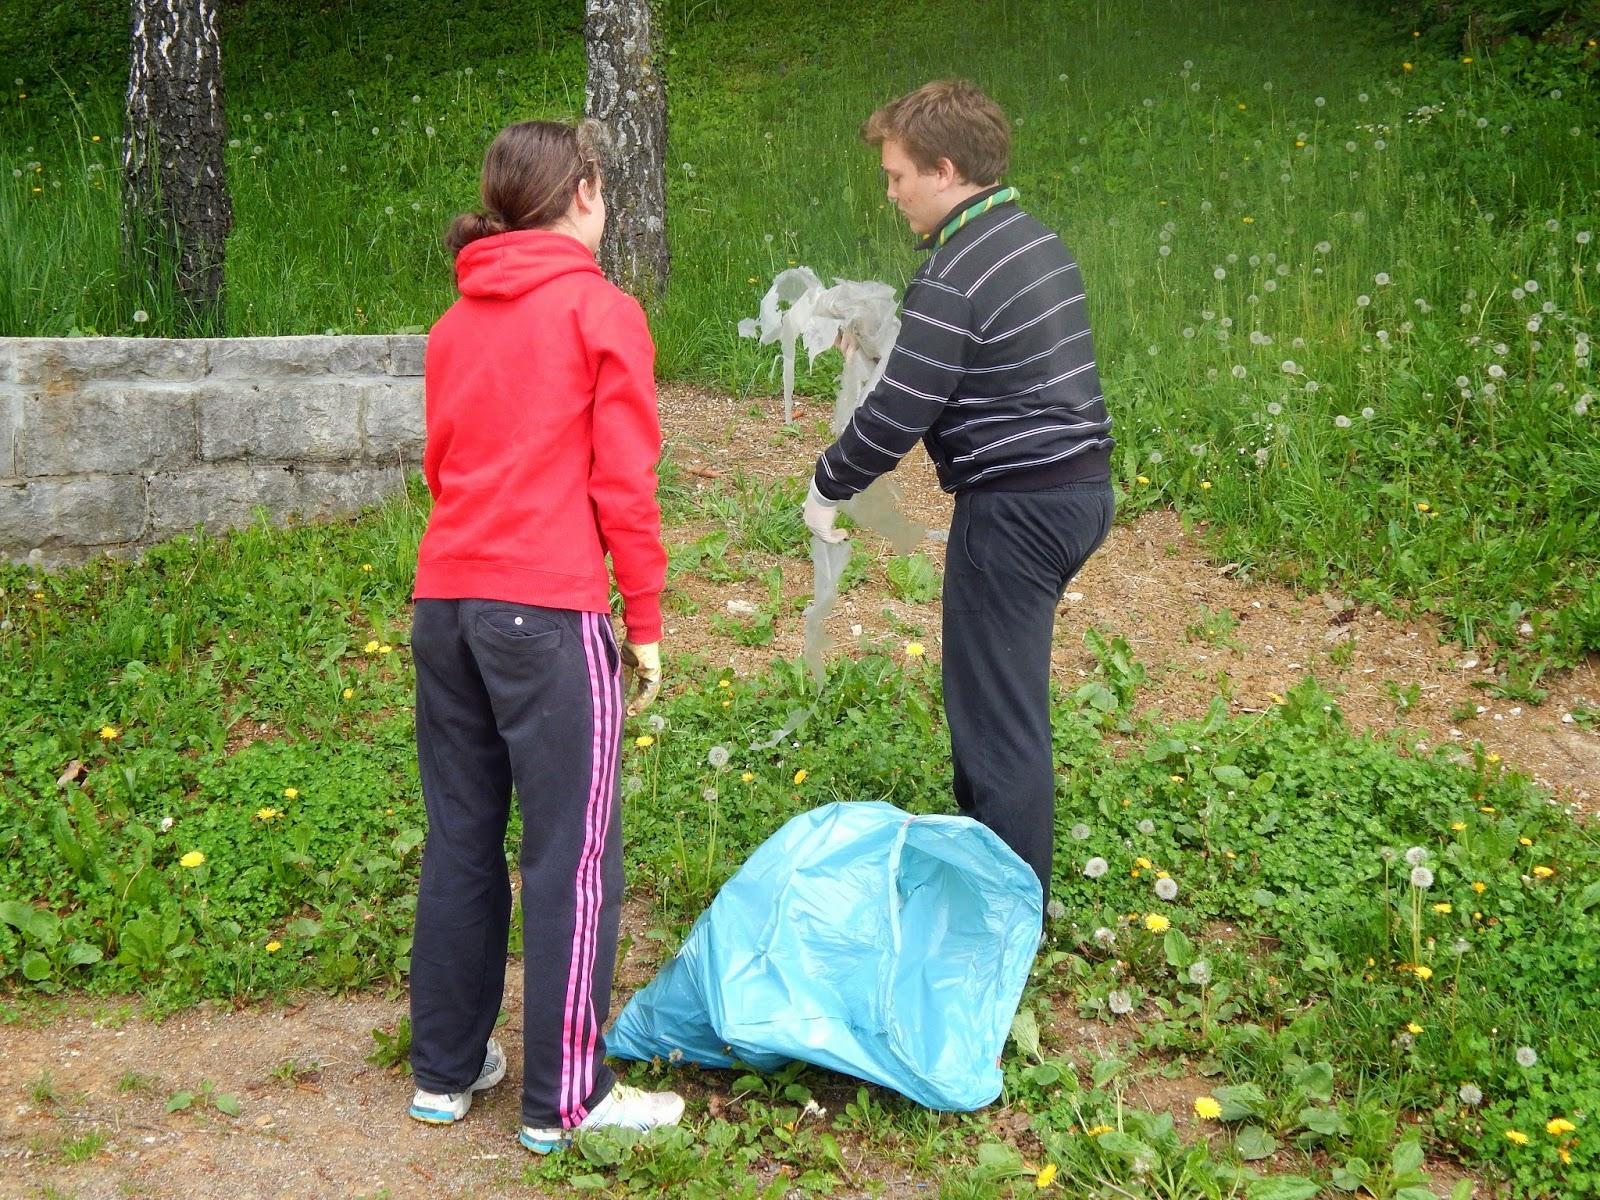 Čistilna akcija 2014, Ilirska Bistrica 2014 - DSCN1644.JPG